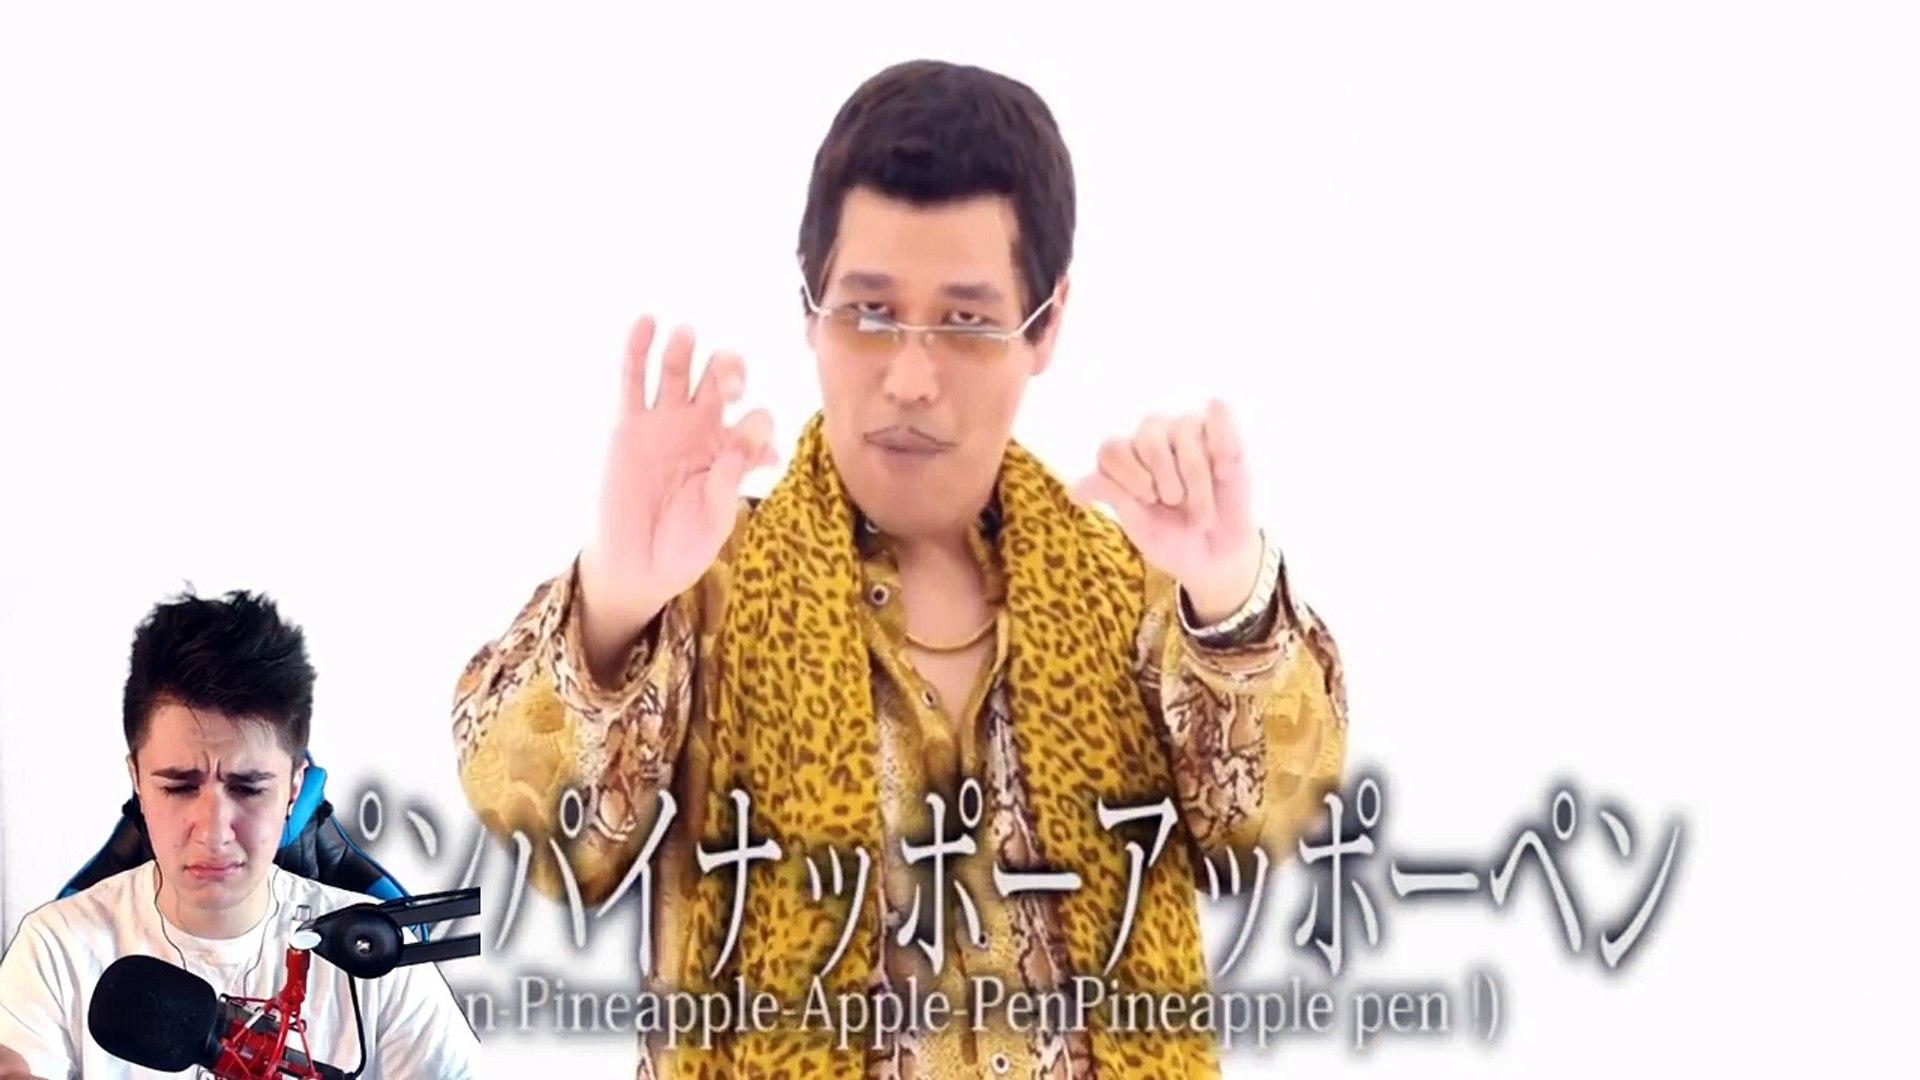 PPAP PEN PINEAPPLE APPLE PEN REACTION!!!